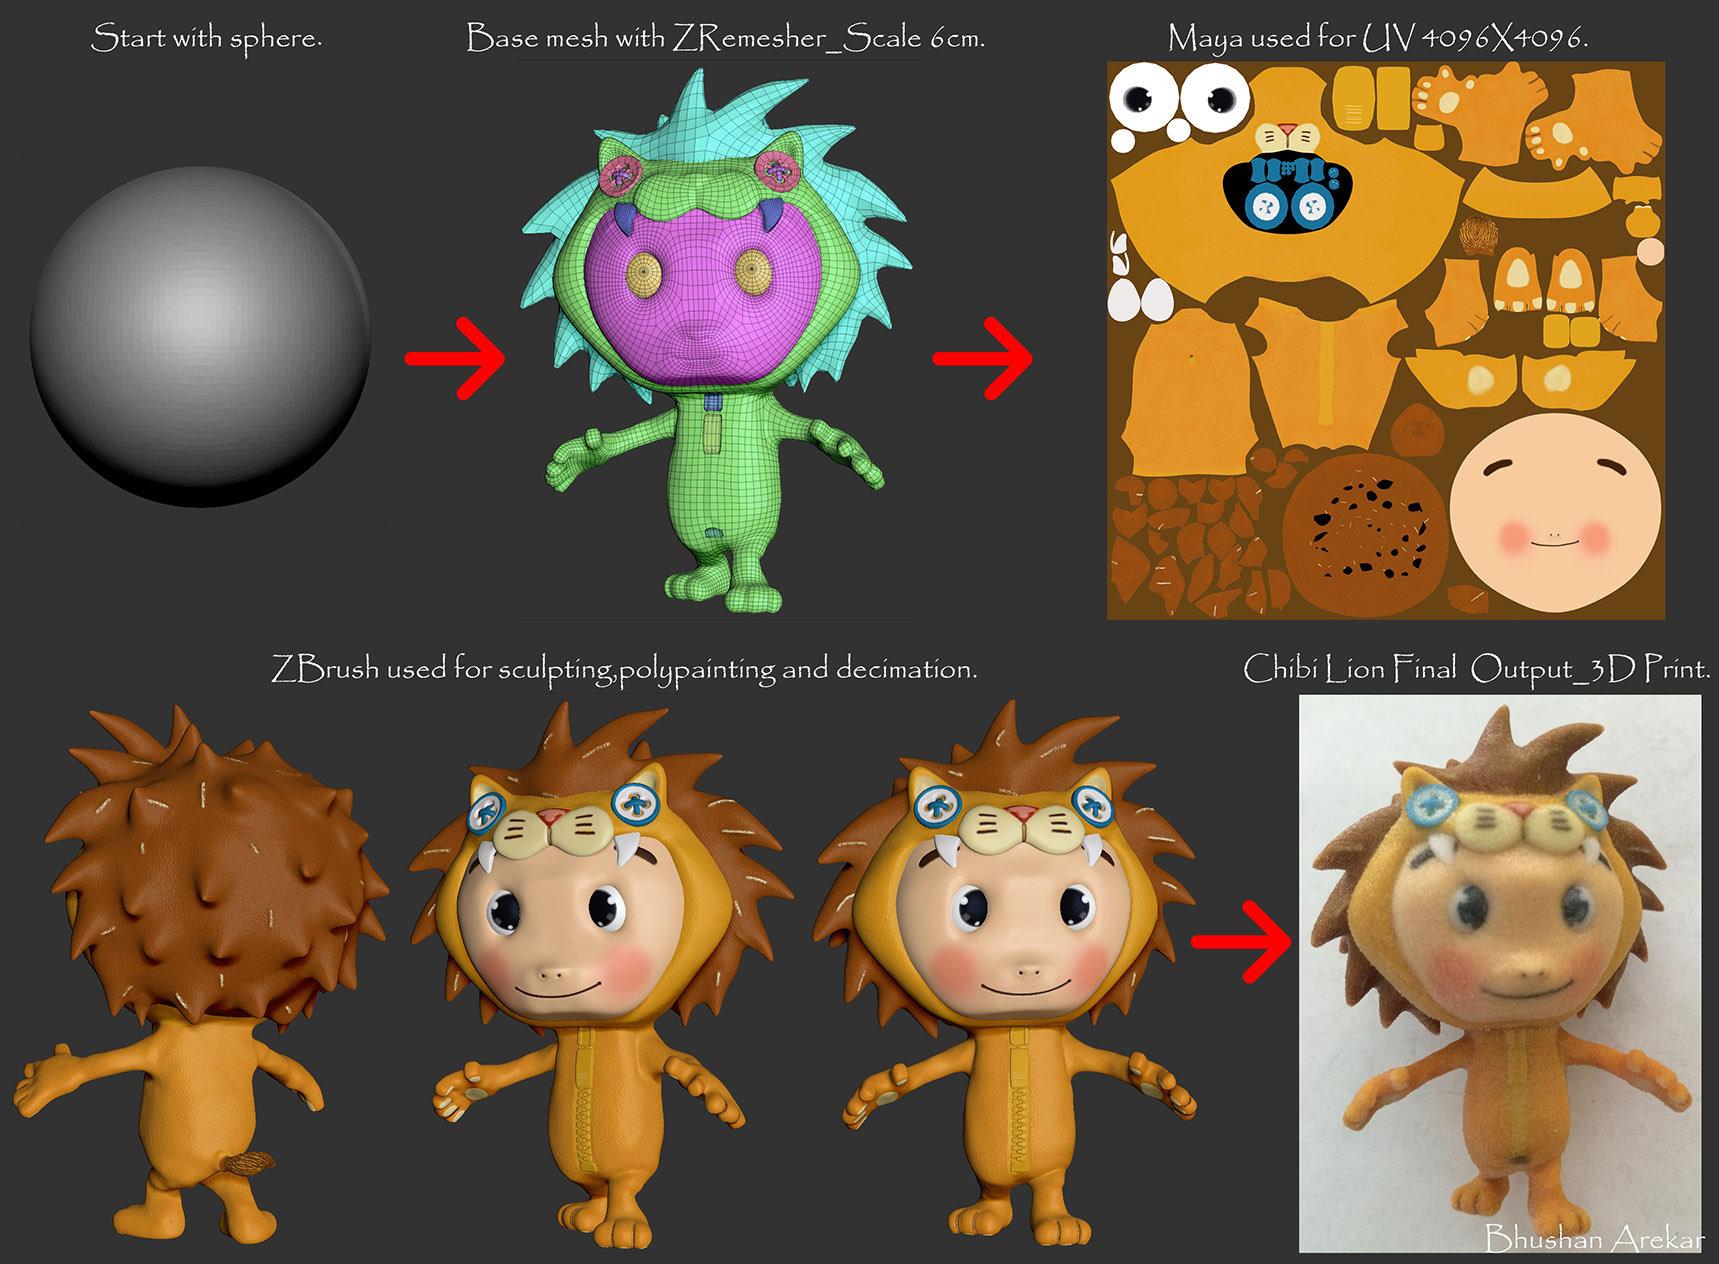 Bhushan arekar chibi lion 3d print by bhushanarekar d7ash8u